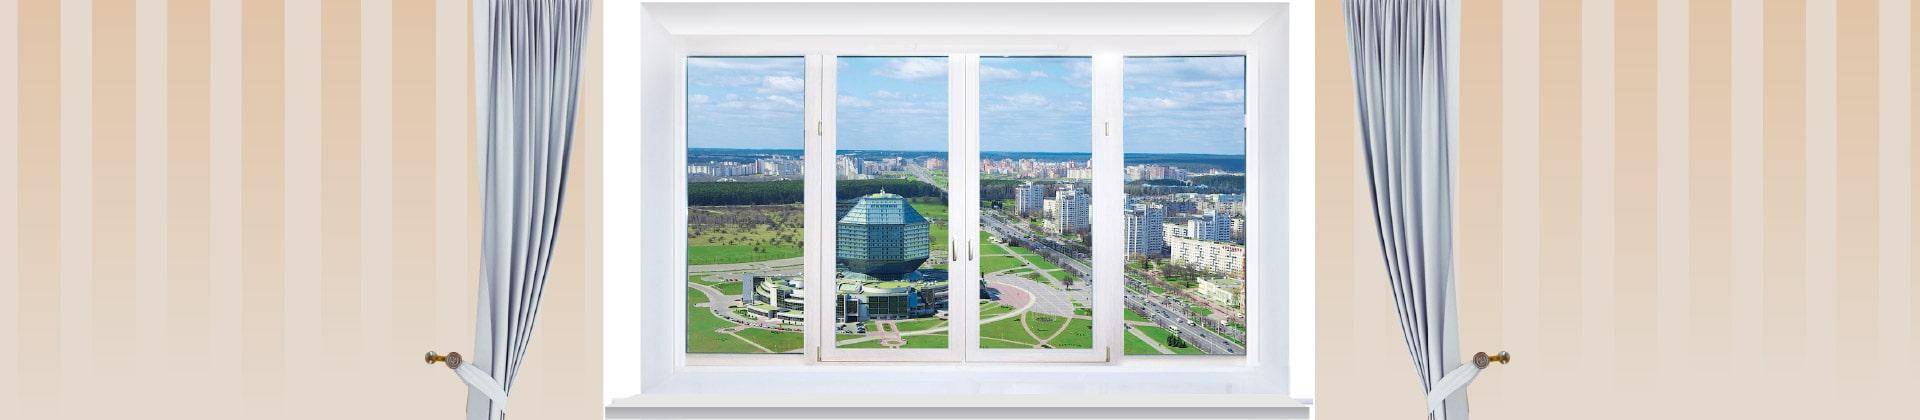 Пластиковые окна ПВХ в Минске